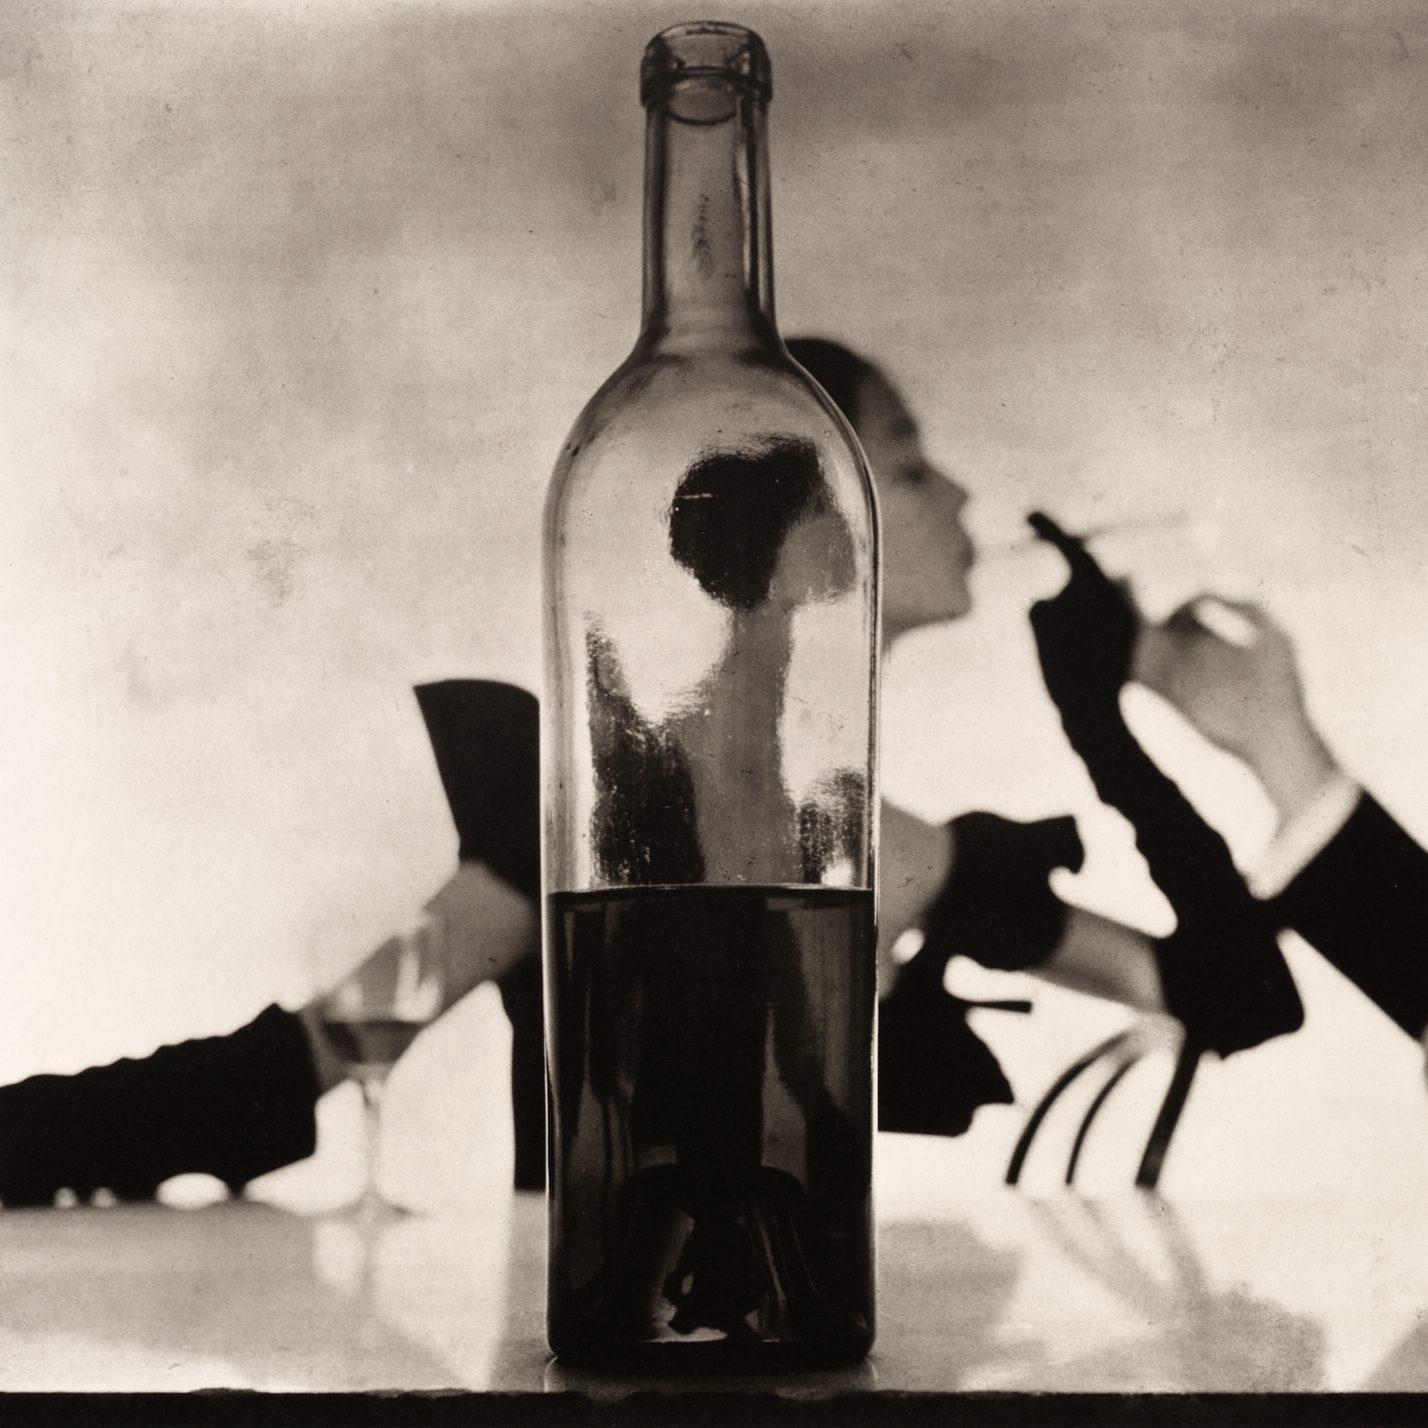 retrato en blanco y negro de una mujer a través de una botella de vidrio